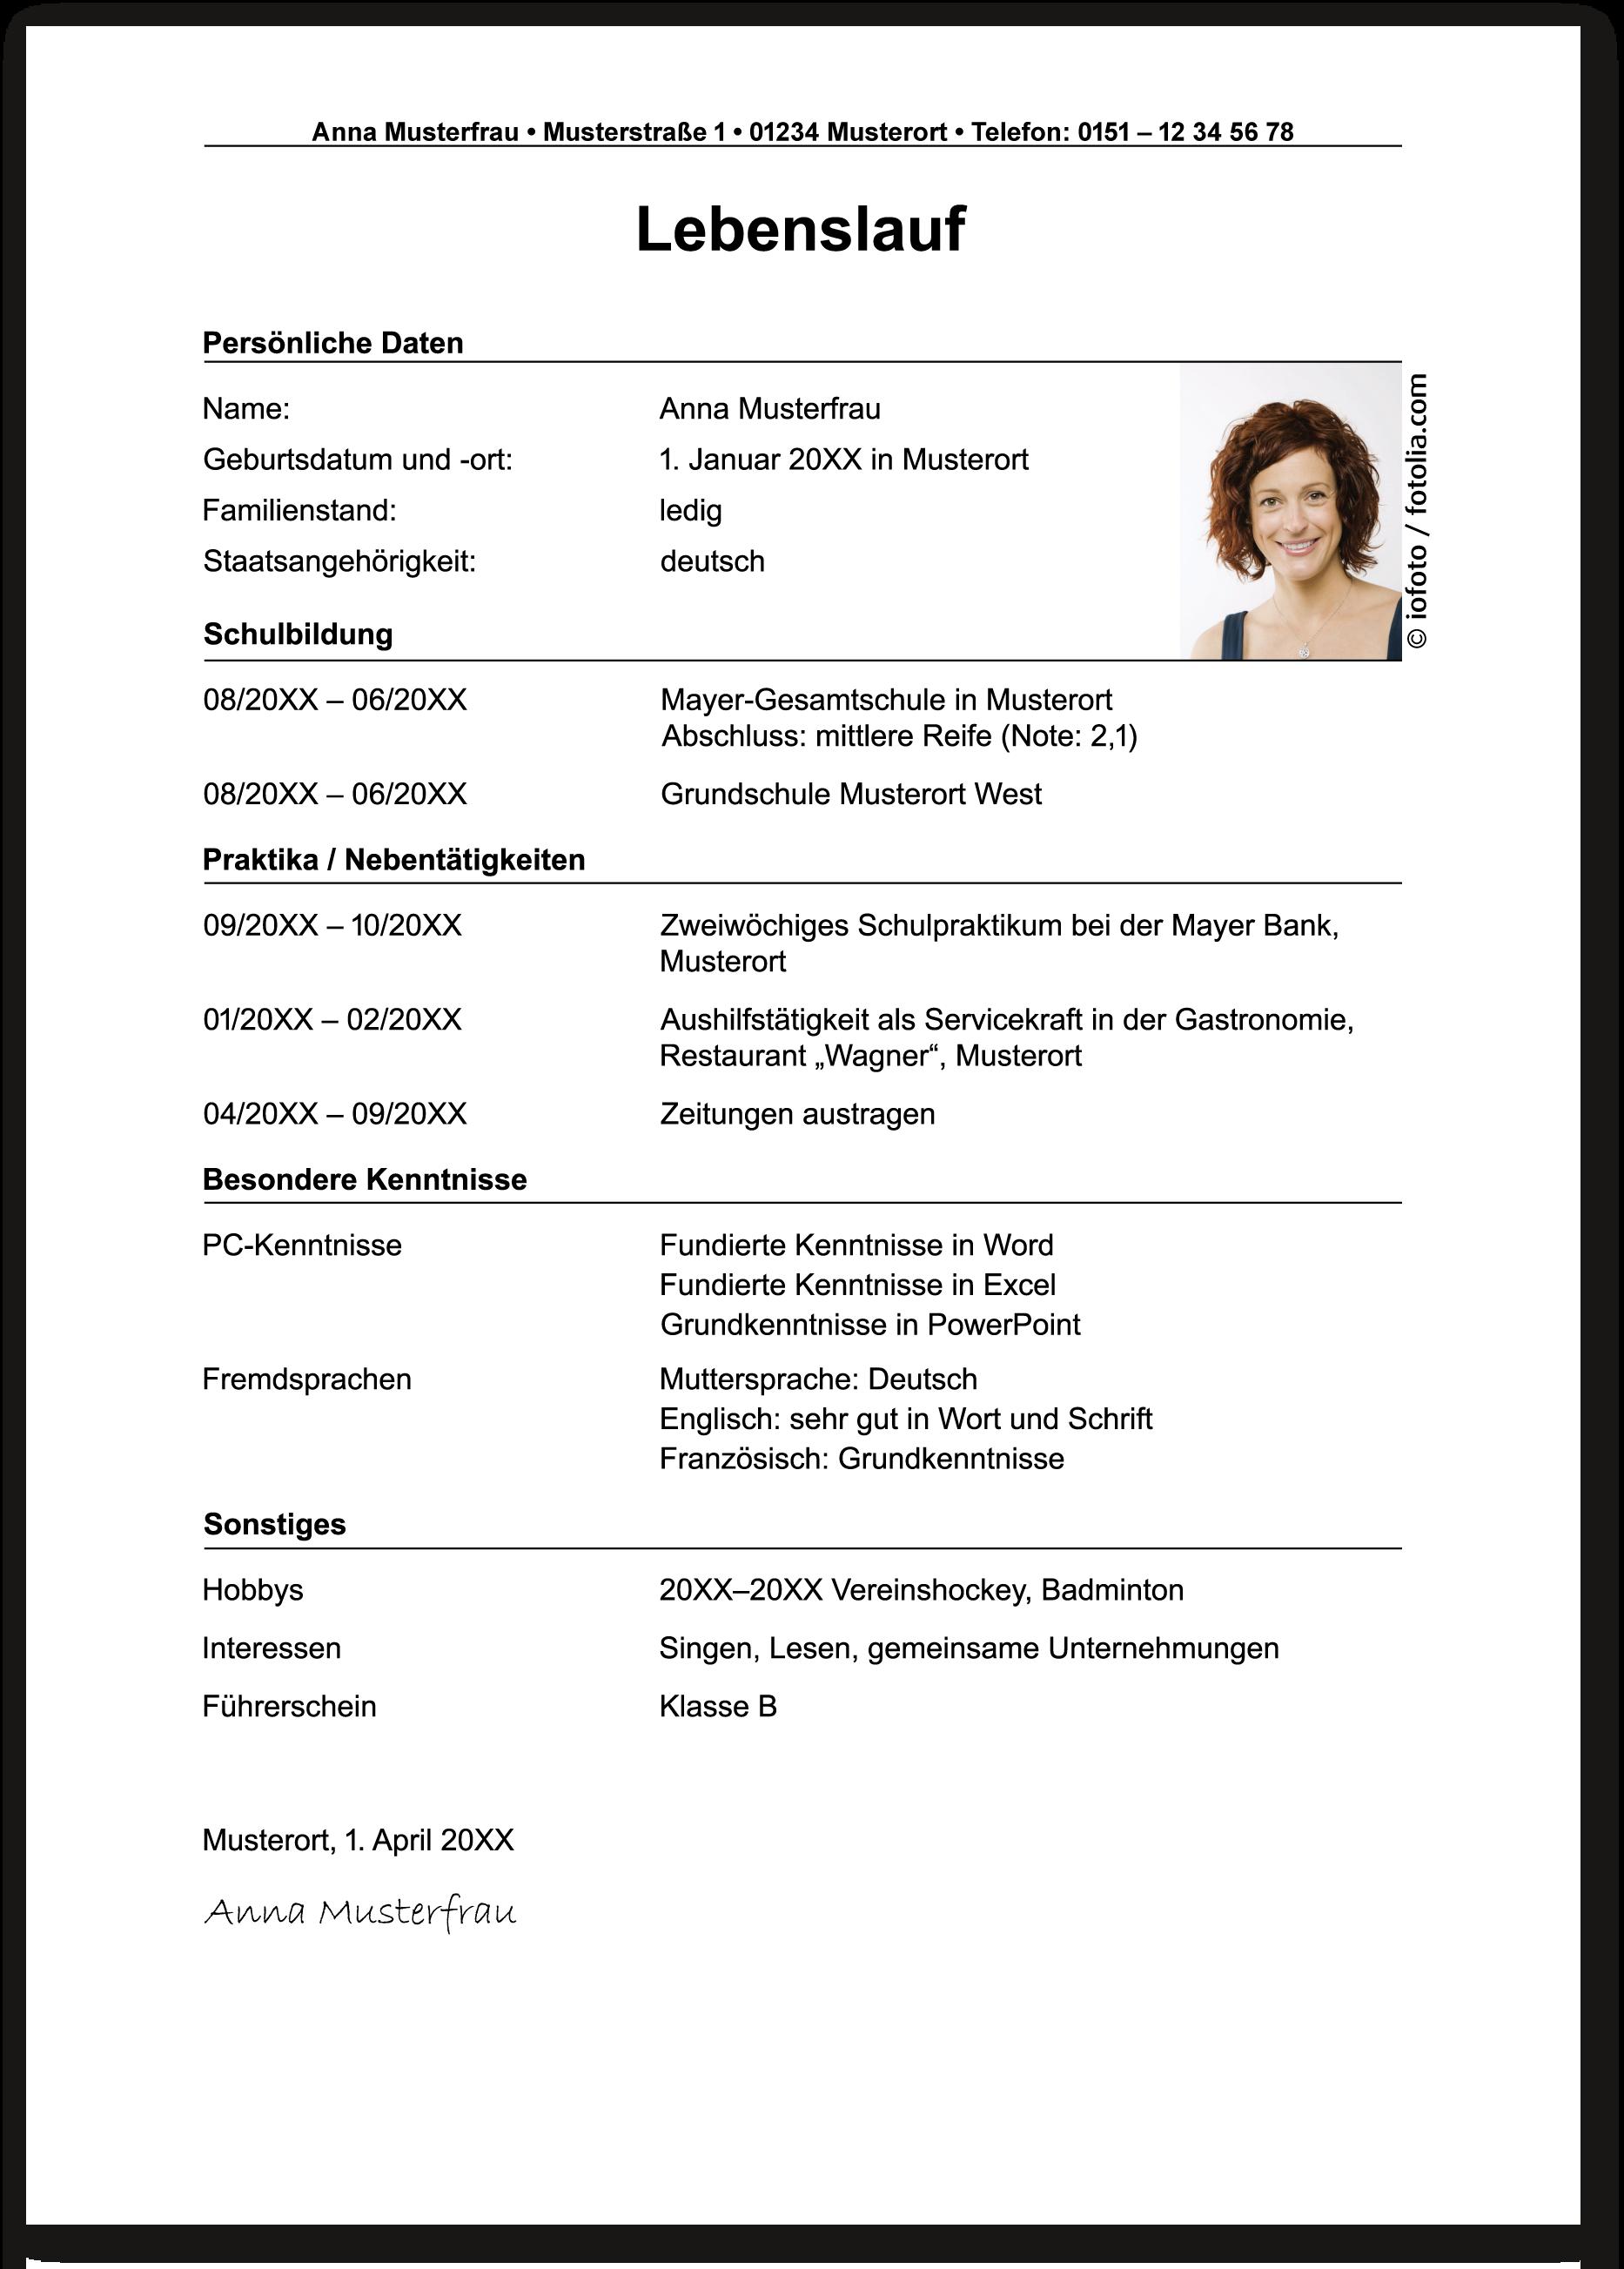 Die Bewerbung bei der Polizei: Der Lebenslauf - Die Ausbildung bei ...